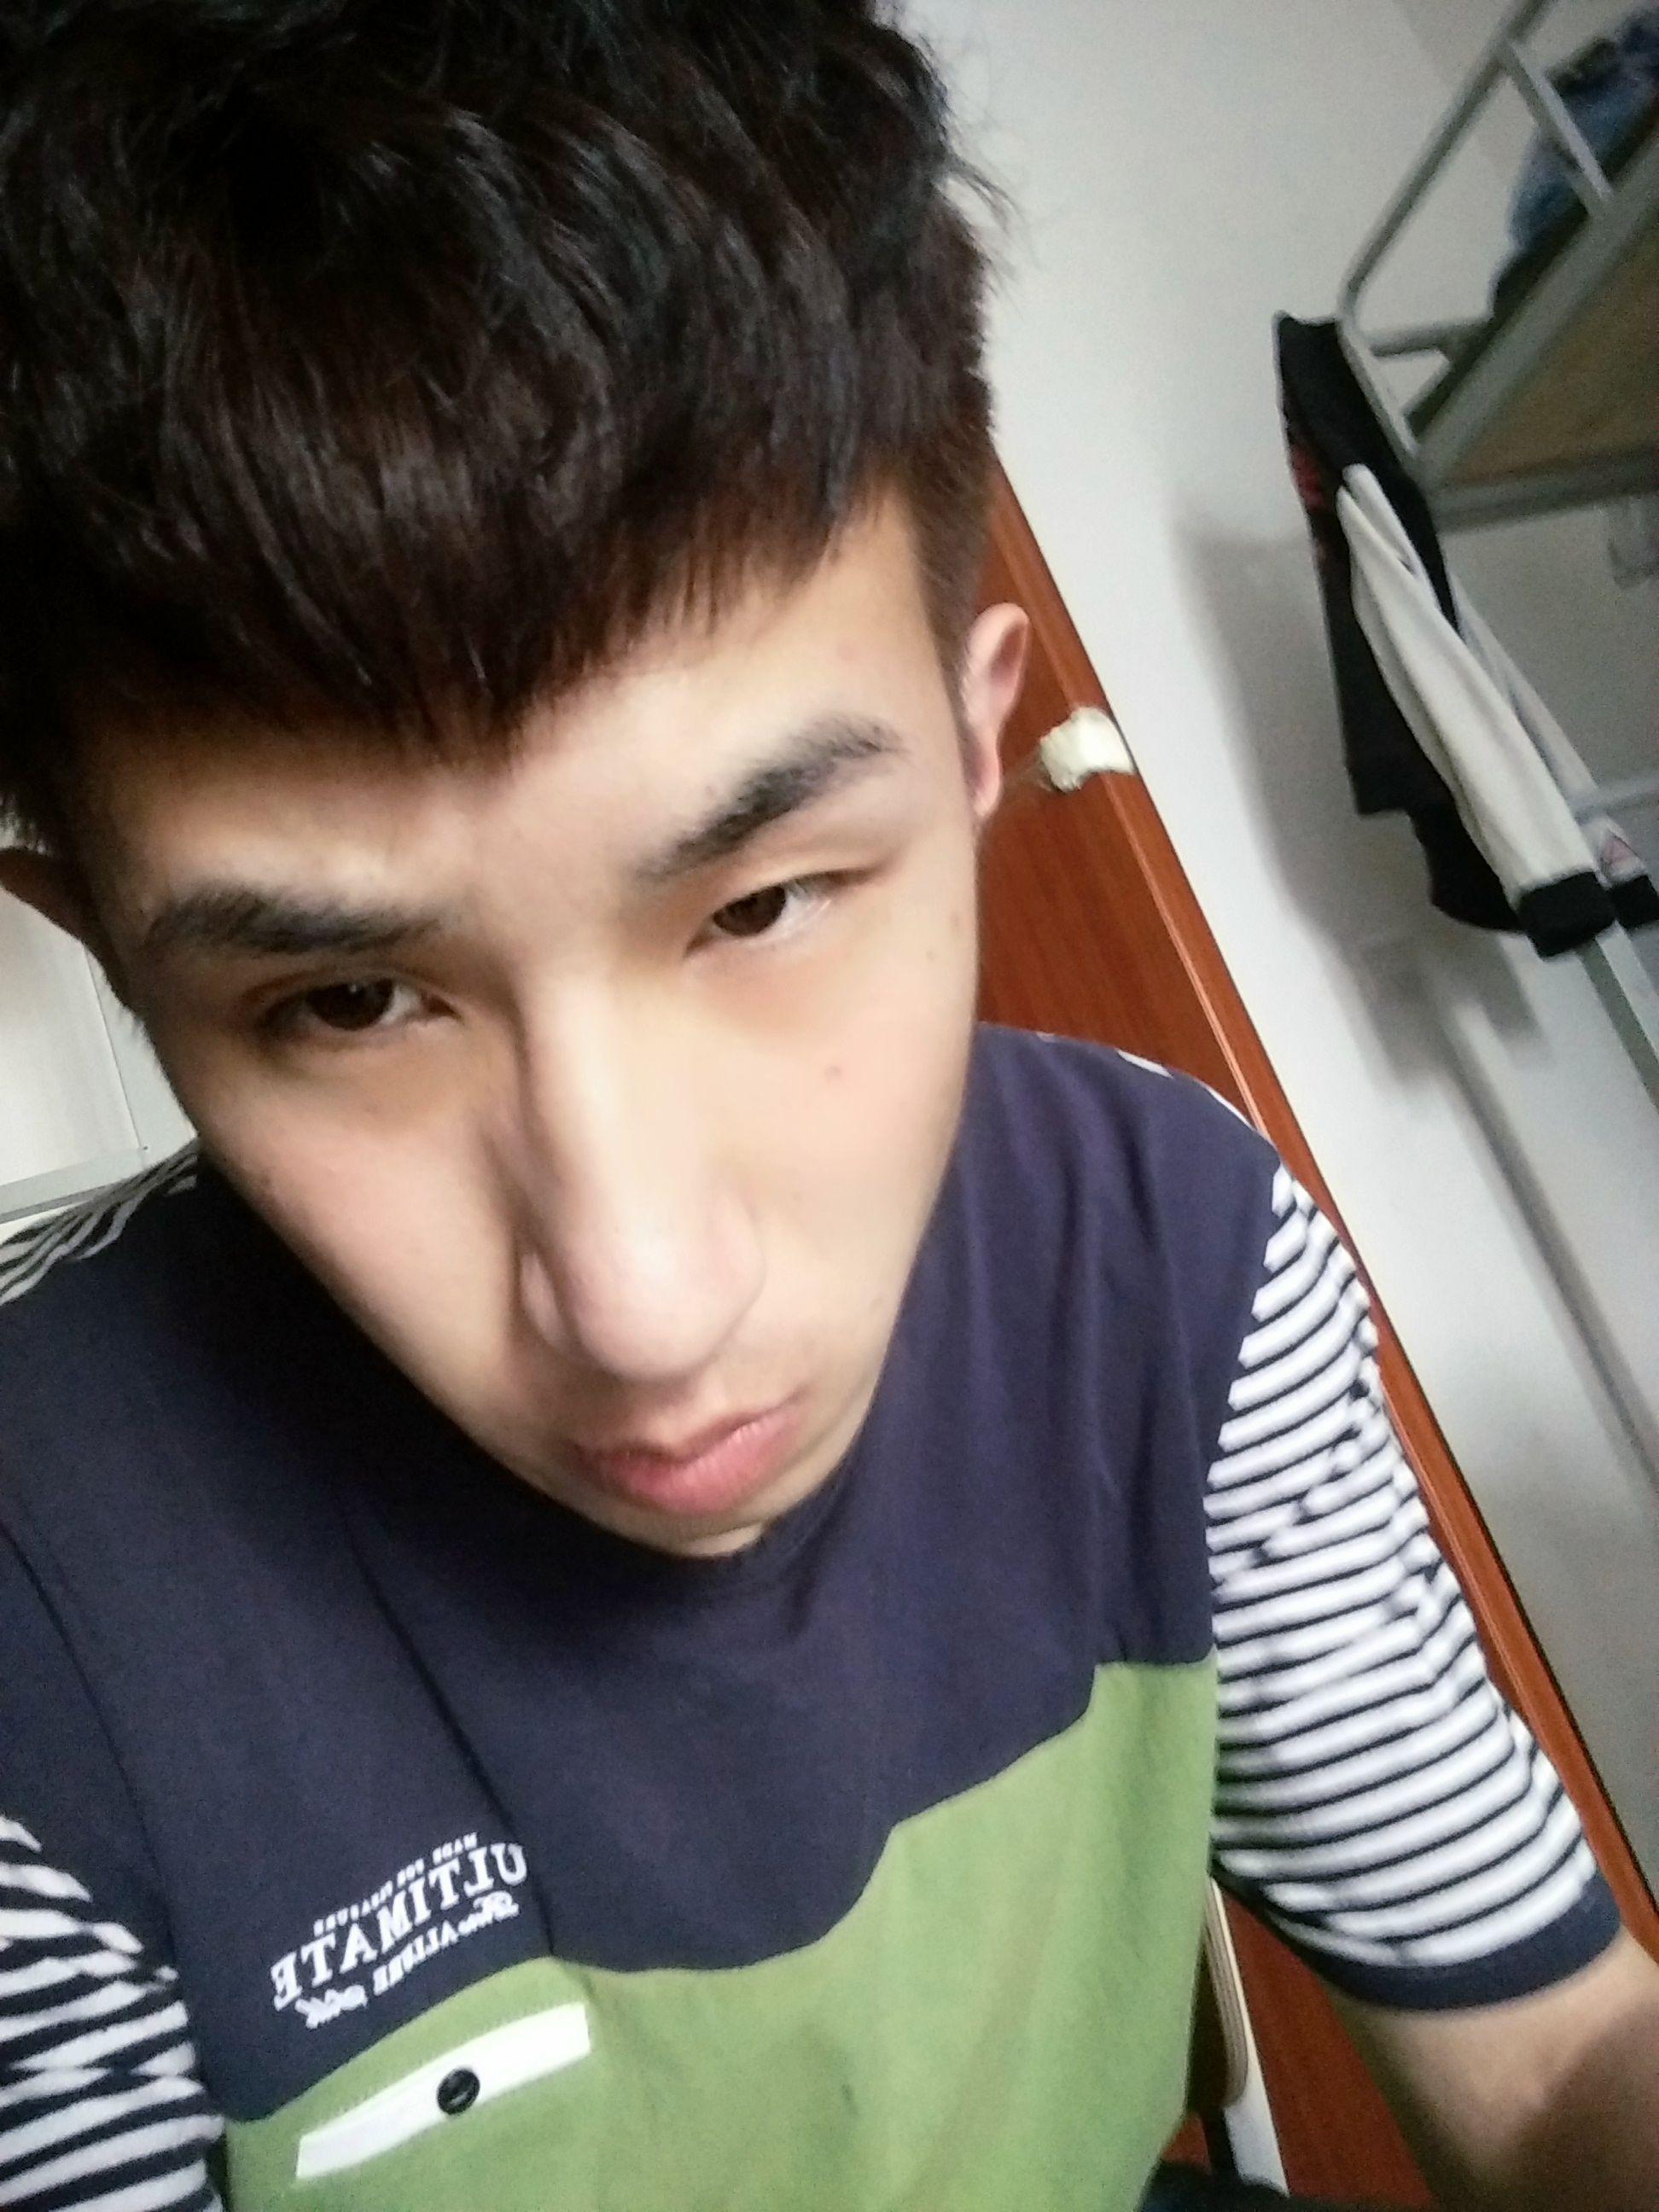 大鼻子小眼睛嘴唇厚脸长的男生适合什么发型?图片